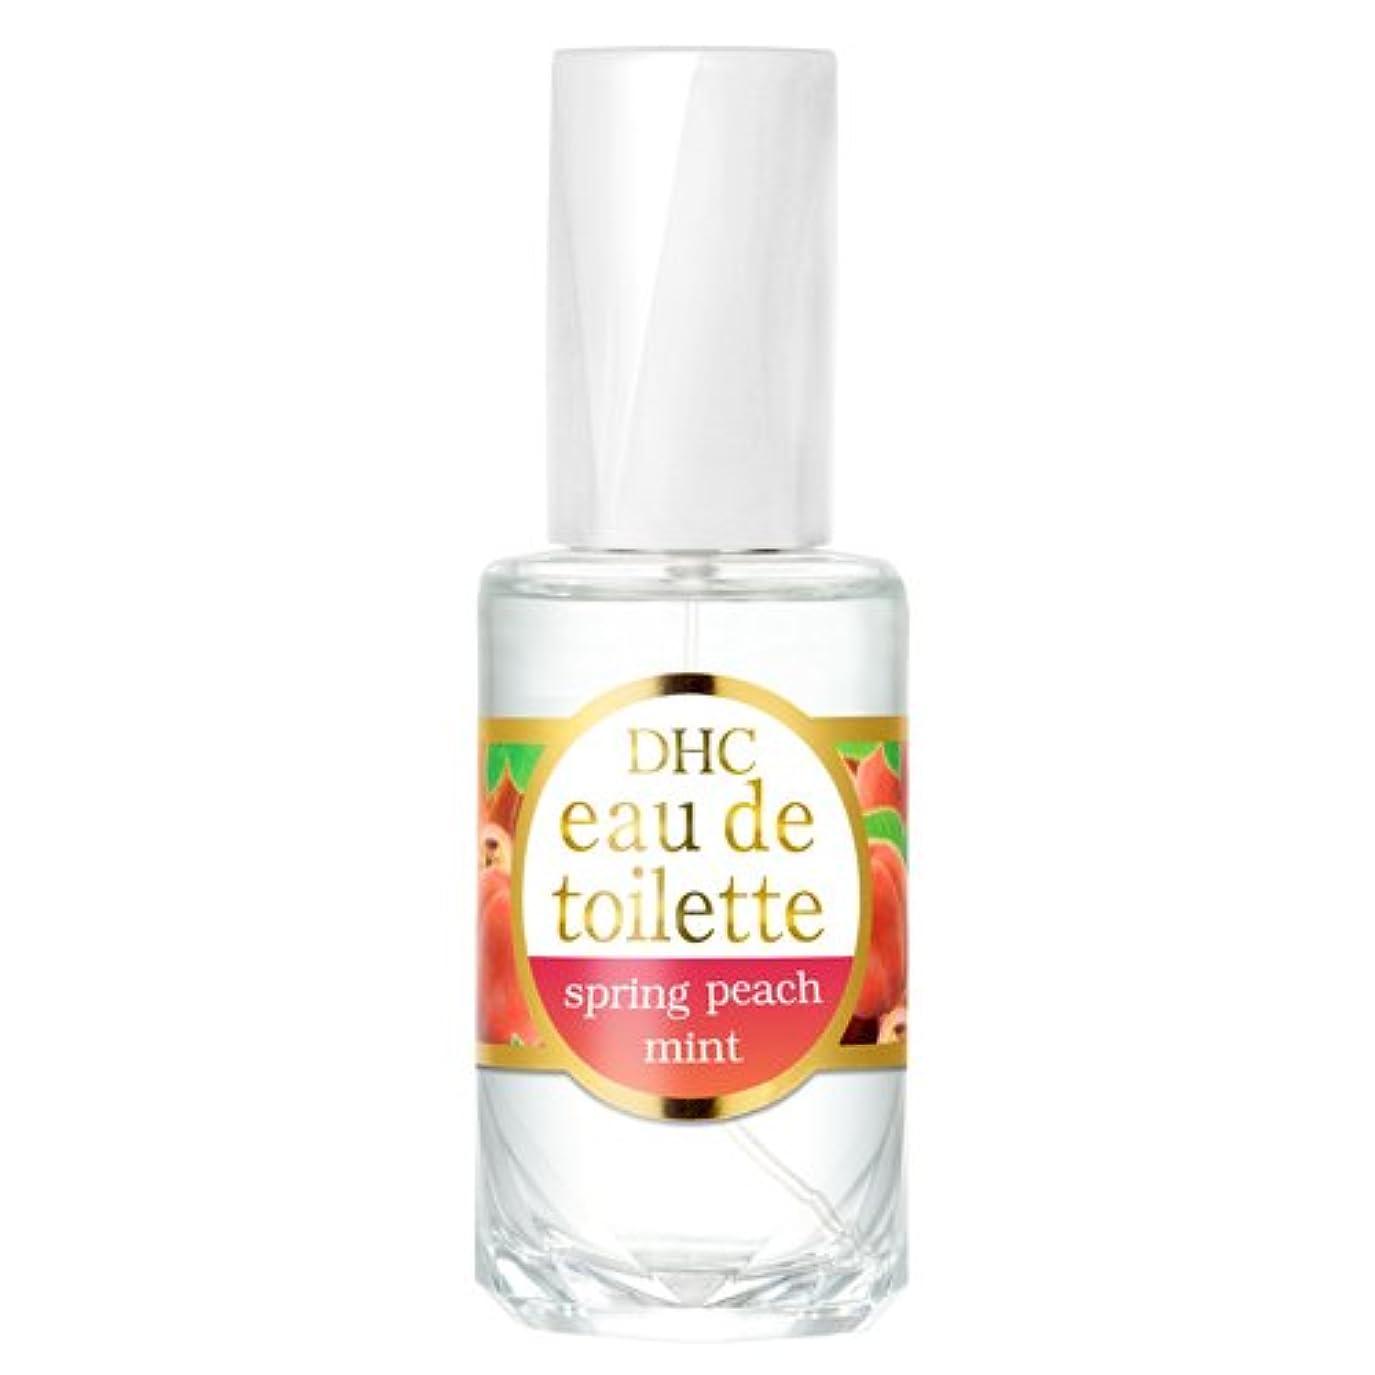 汚いカリキュラム専門DHCオードトワレ スプリングピーチミント(フルーティフローラルの香り)